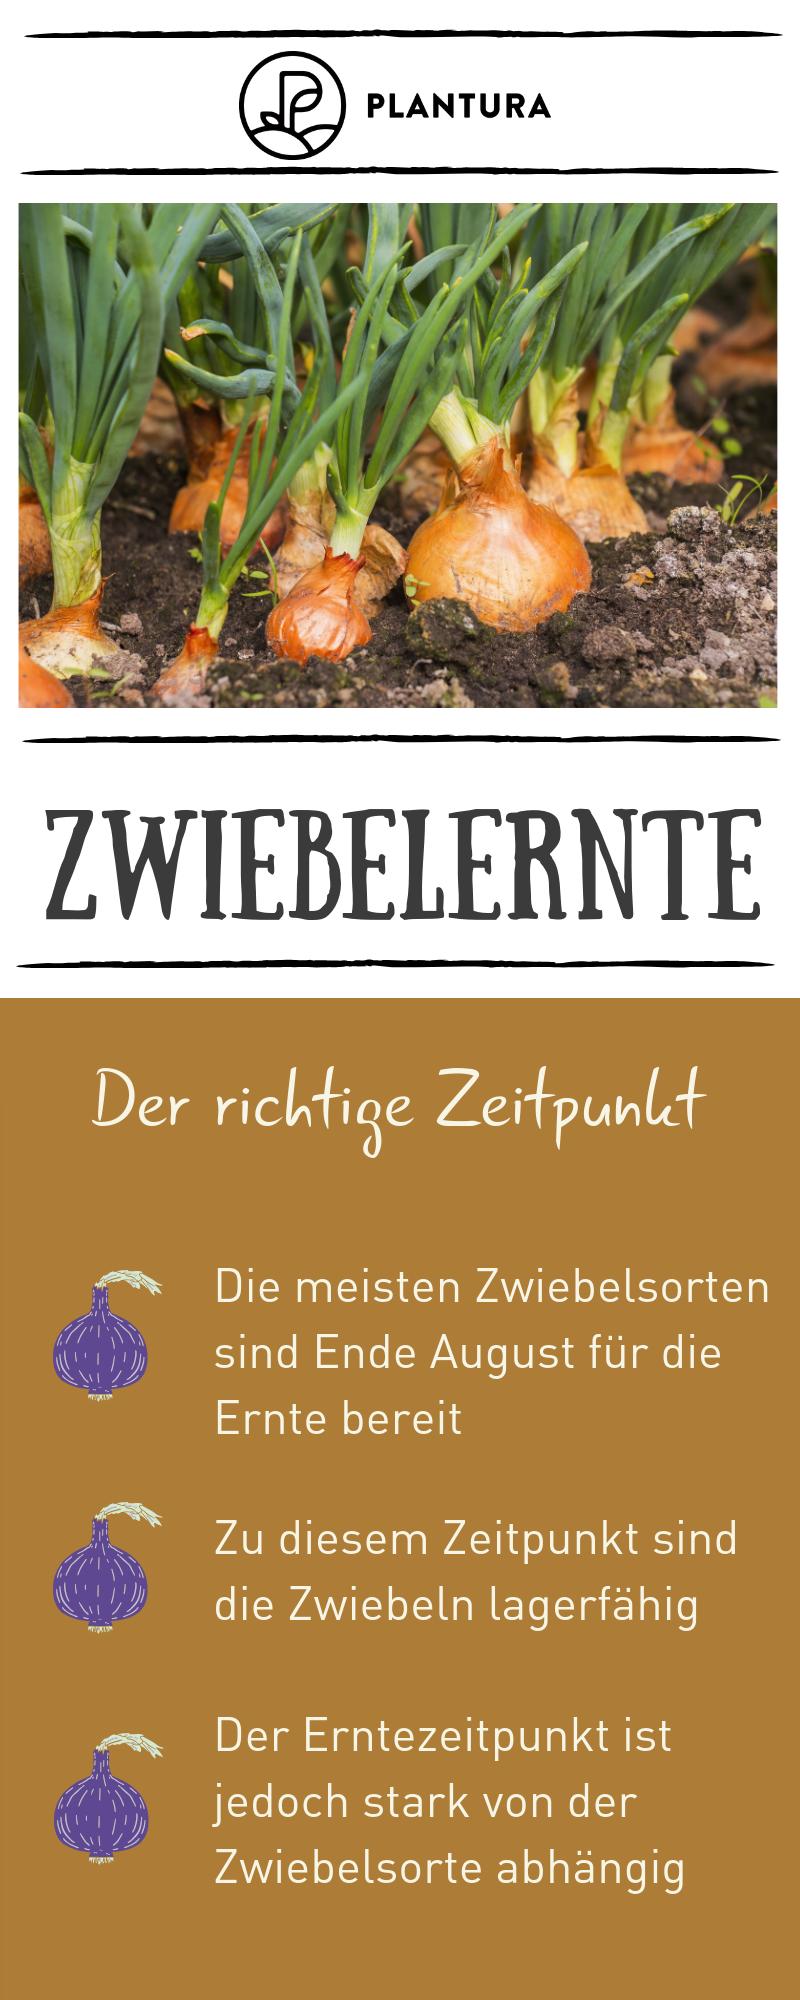 Zwiebeln Ernten Und Lagern Plantura Zwiebeln Ernten Zwiebeln Gemuse Pflanzen